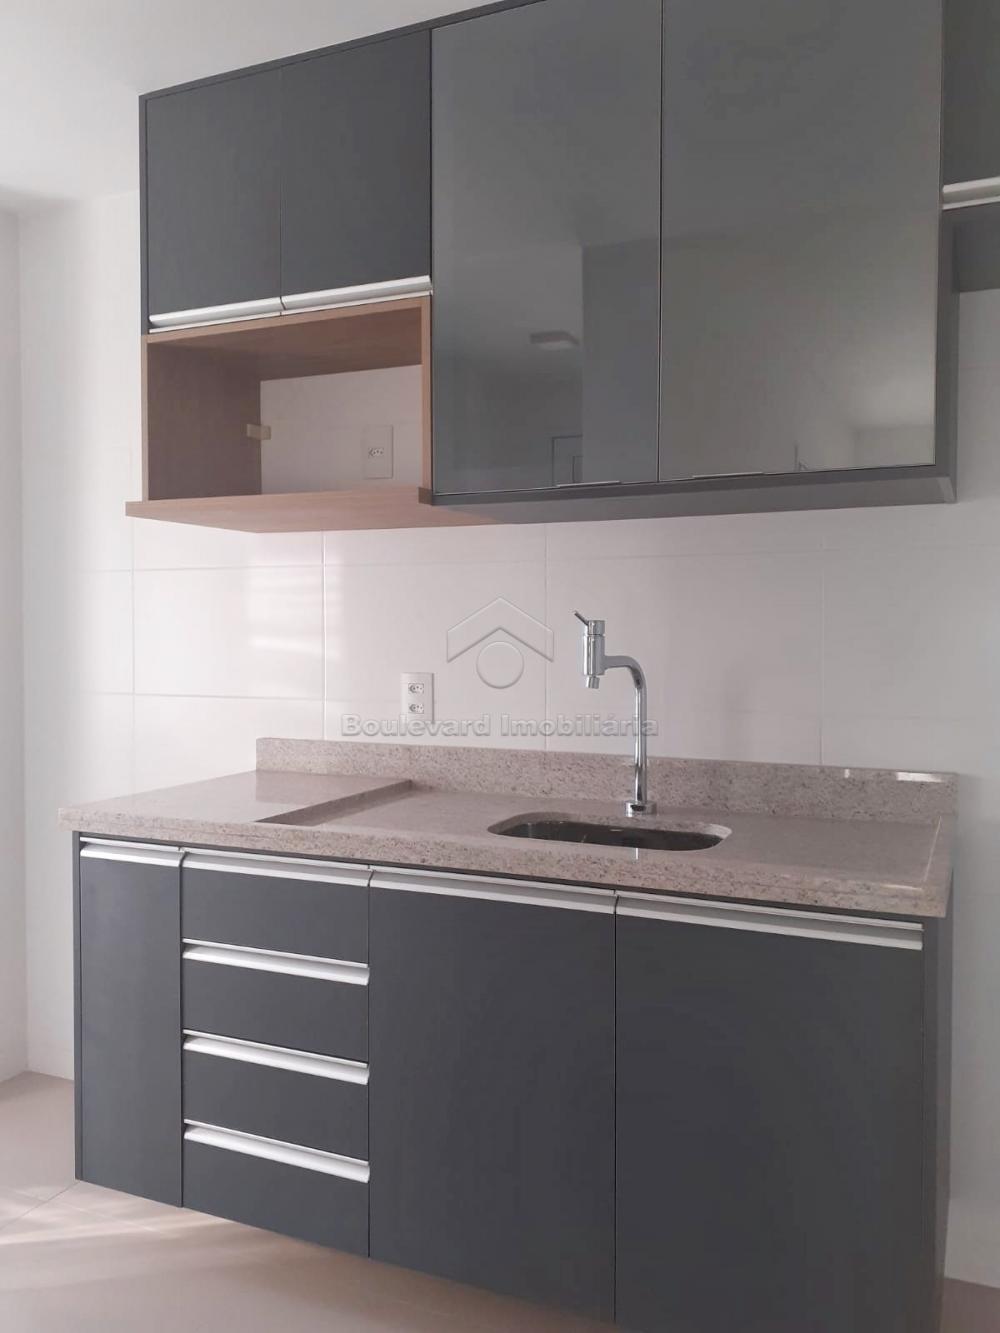 Comprar Apartamento / Padrão em Ribeirão Preto R$ 725.000,00 - Foto 26